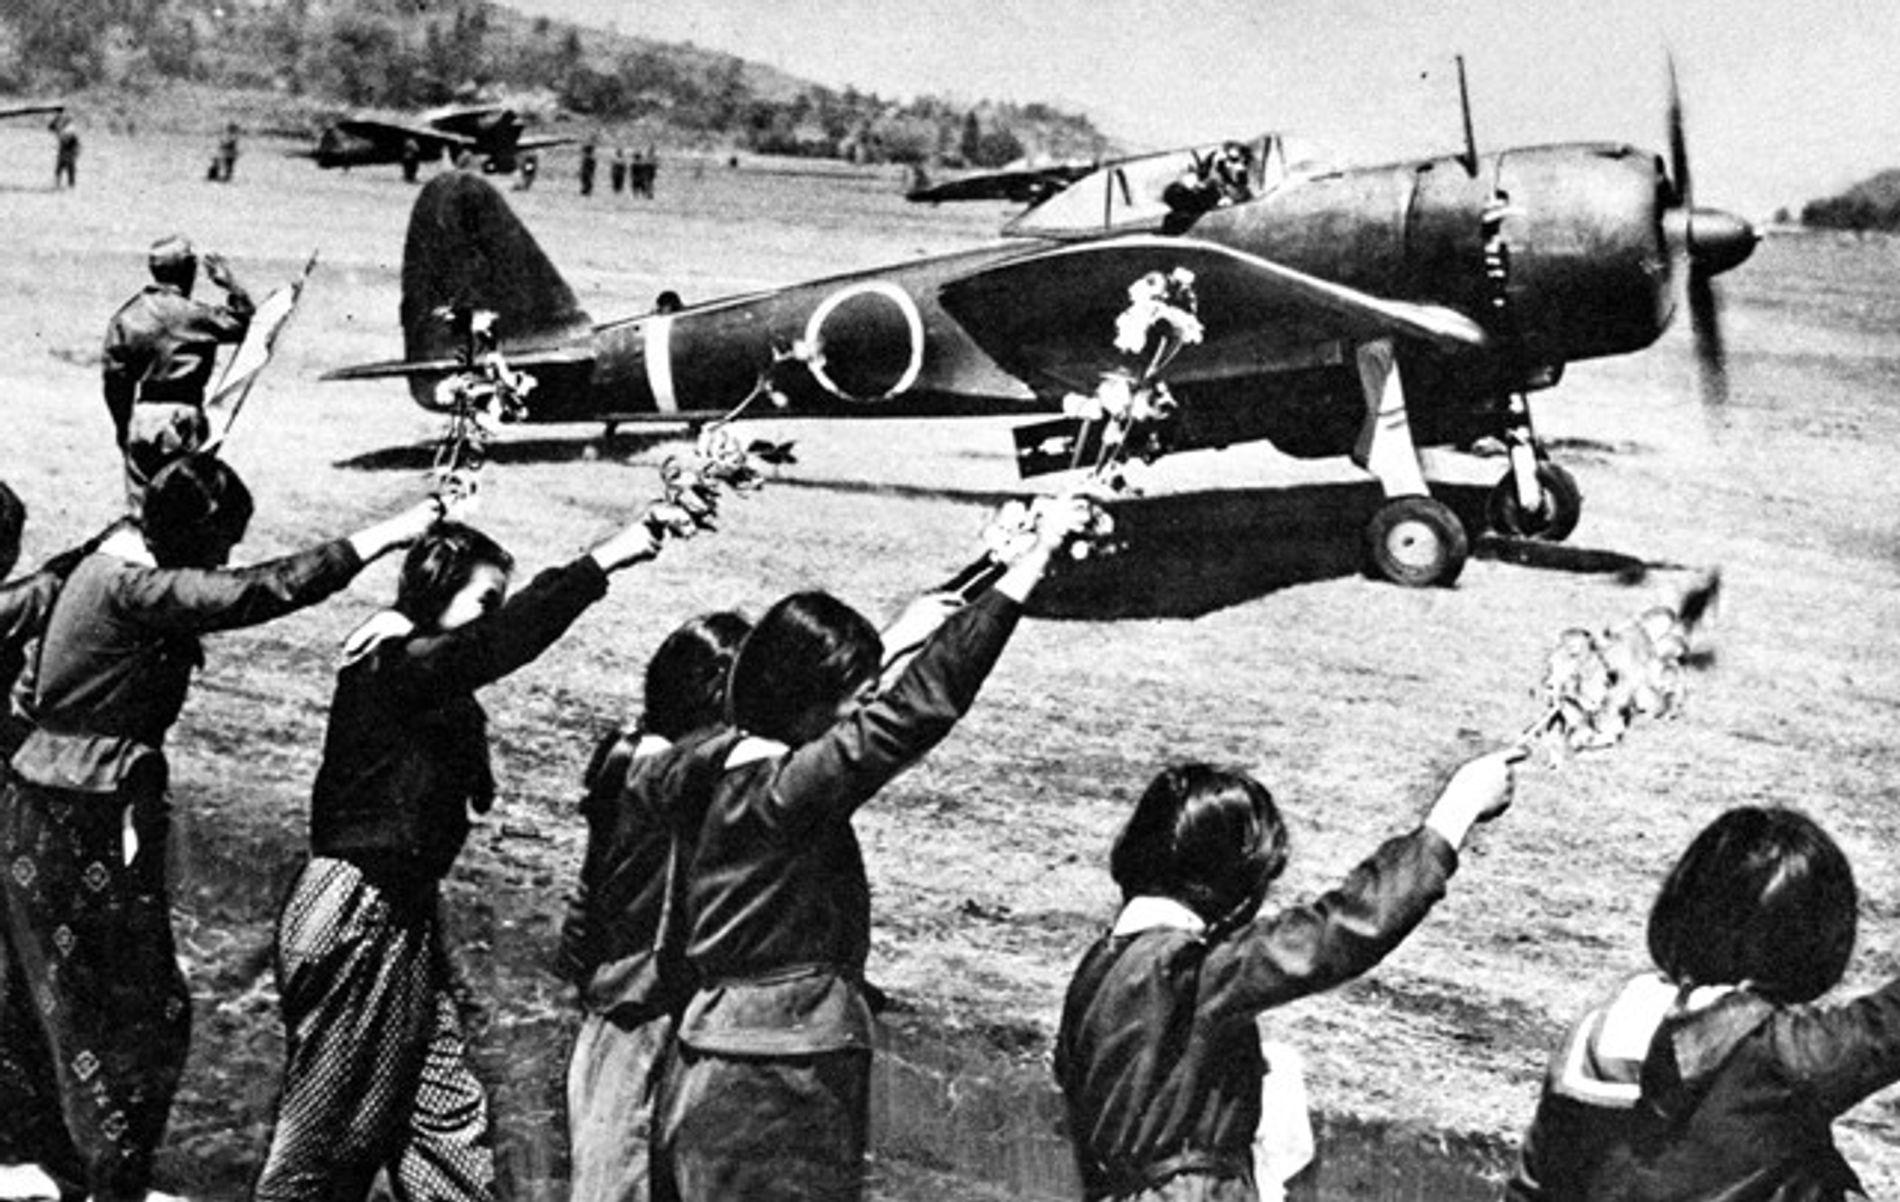 Le 12 avril 1945, des lycéennes de Chiran (Japon) saluent, avec des branches de cerisiers en ...